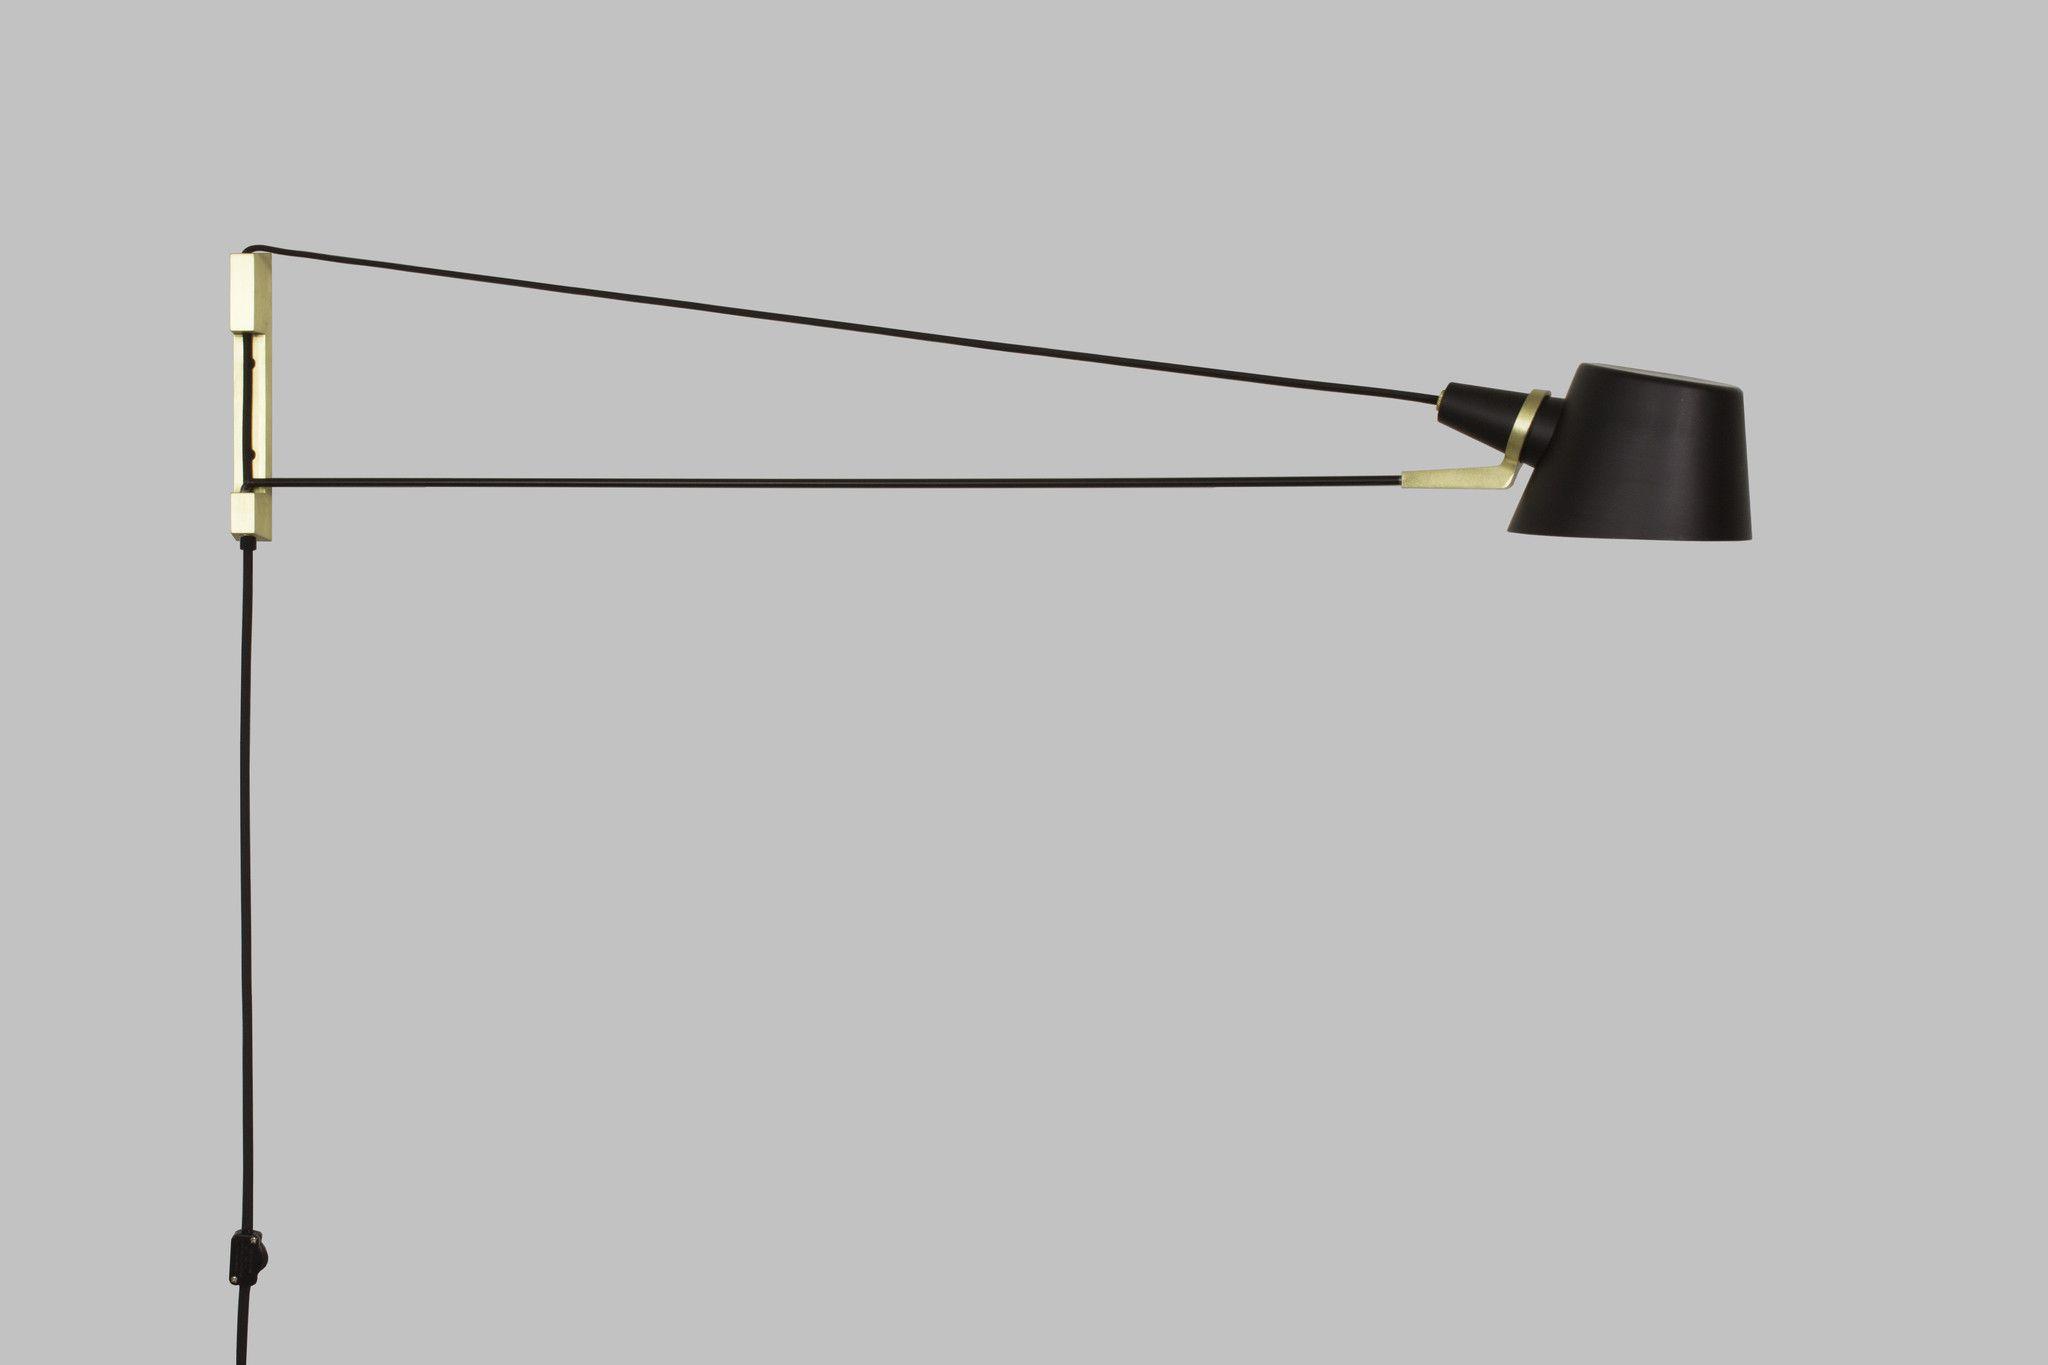 Monter Une Lampe De Chevet pivot lamp   lumière de lampe, deco et peinture